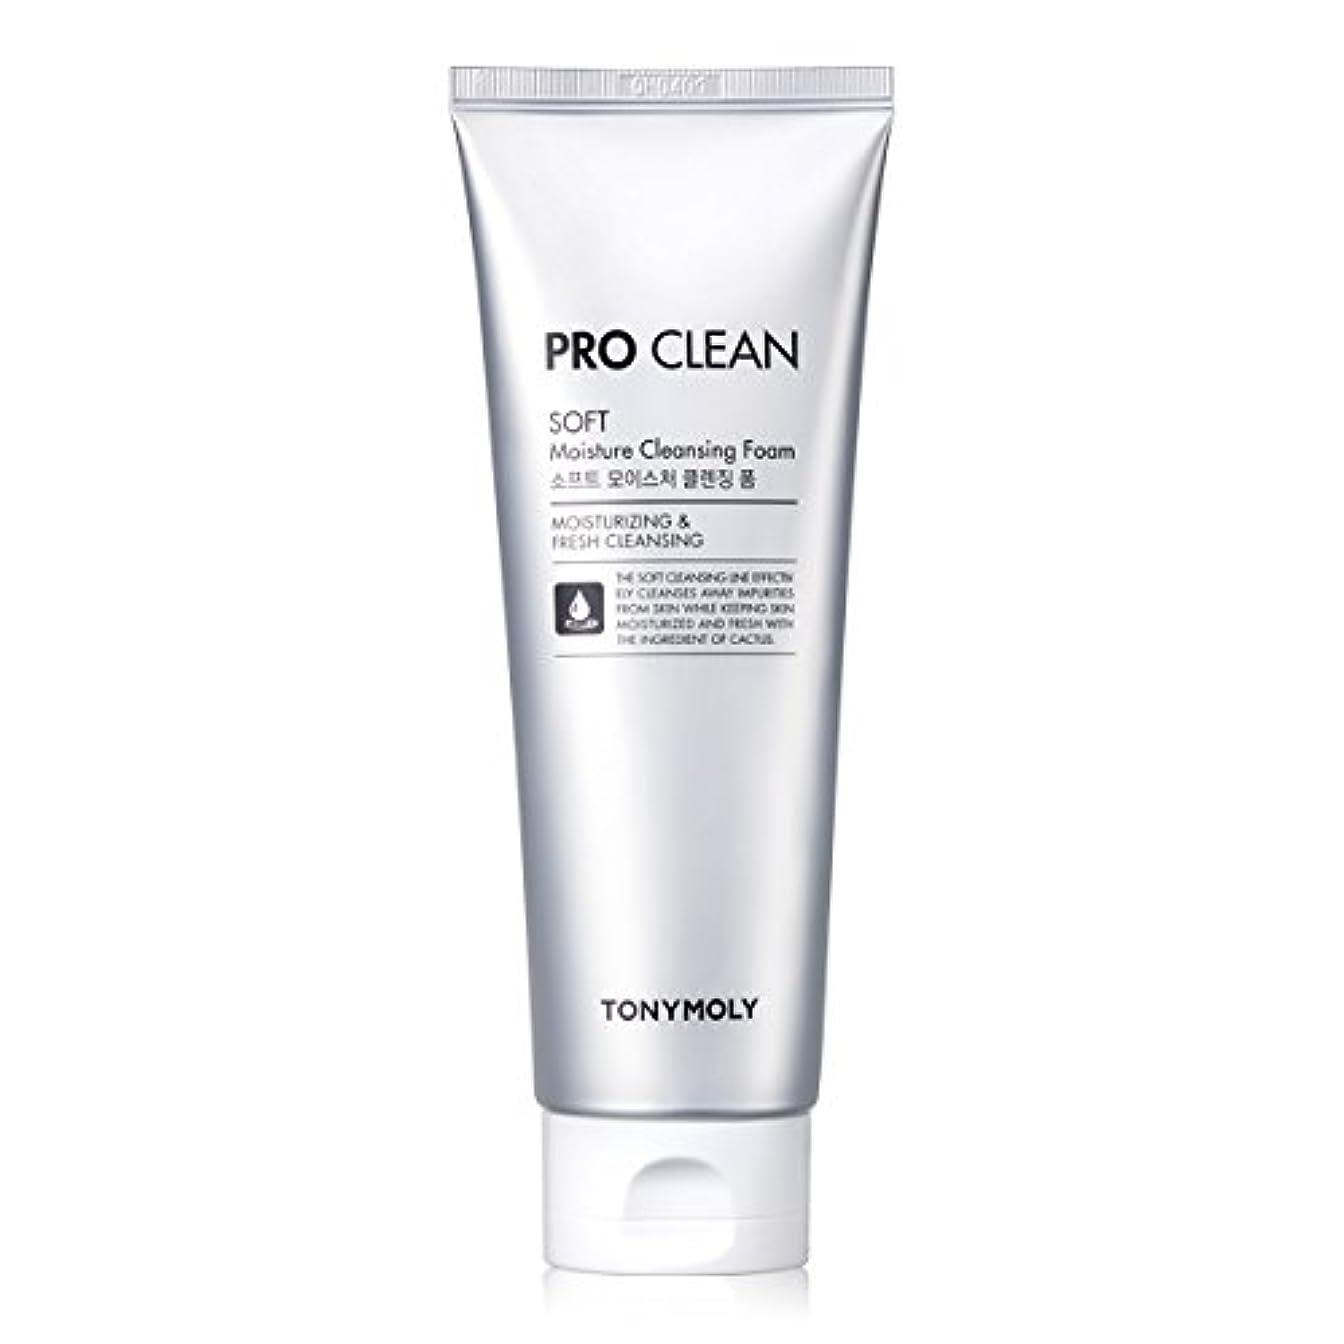 気づかないぼろ戦術[New] TONYMOLY Pro Clean Soft Moisture Cleansing Foam 150ml/トニーモリー プロ クリーン ソフト モイスチャー クレンジングフォーム 150ml